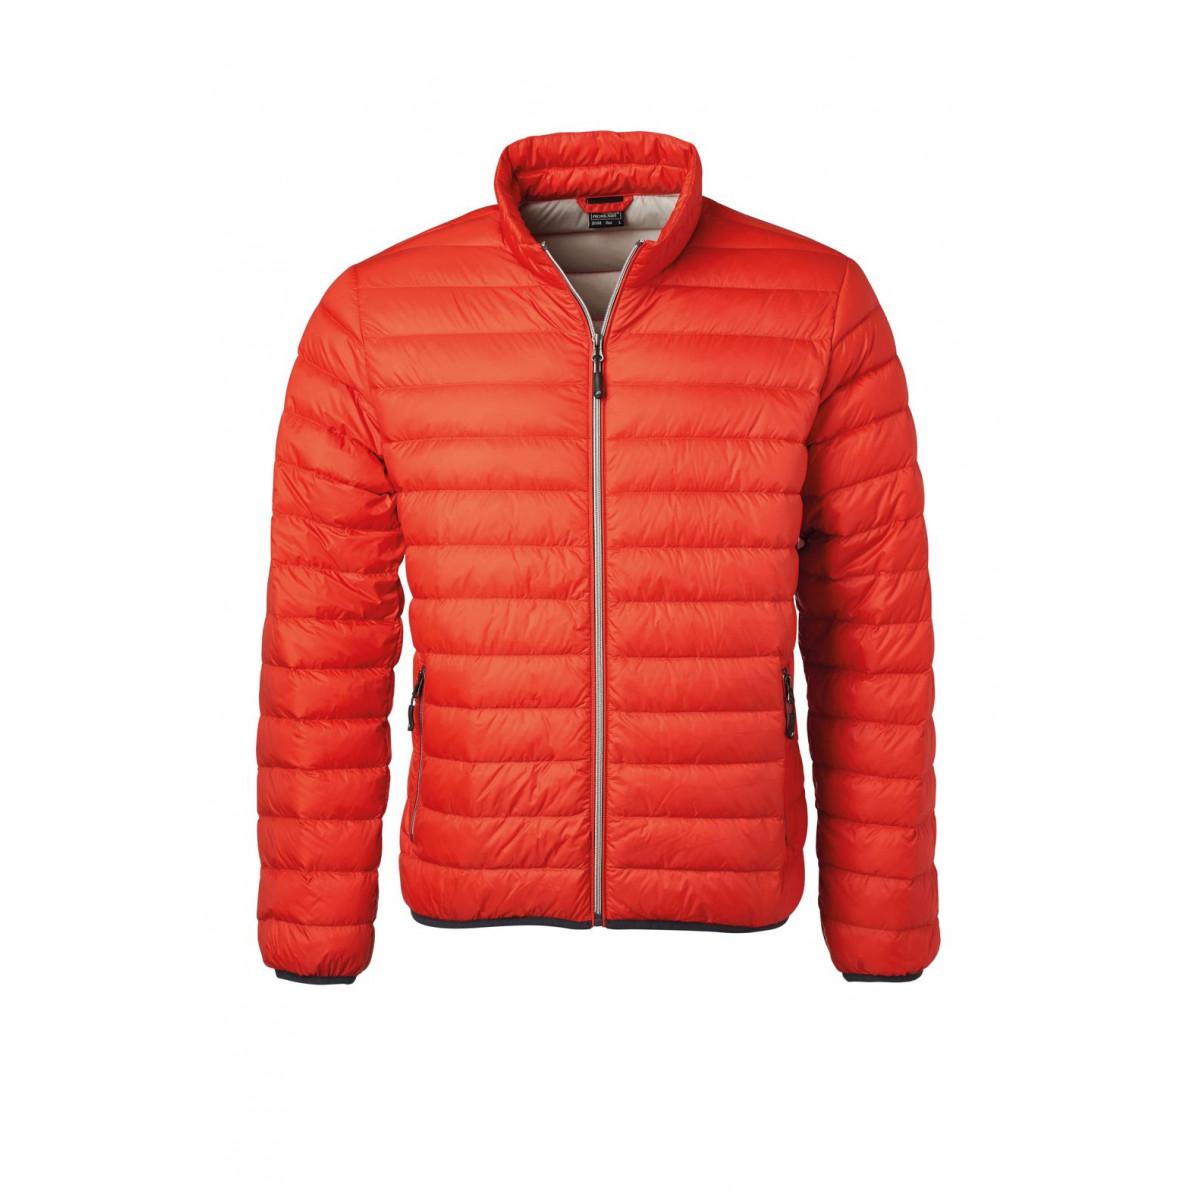 Куртка мужская JN1140 Mens Down Jacket - Оранжевый/Серебряный